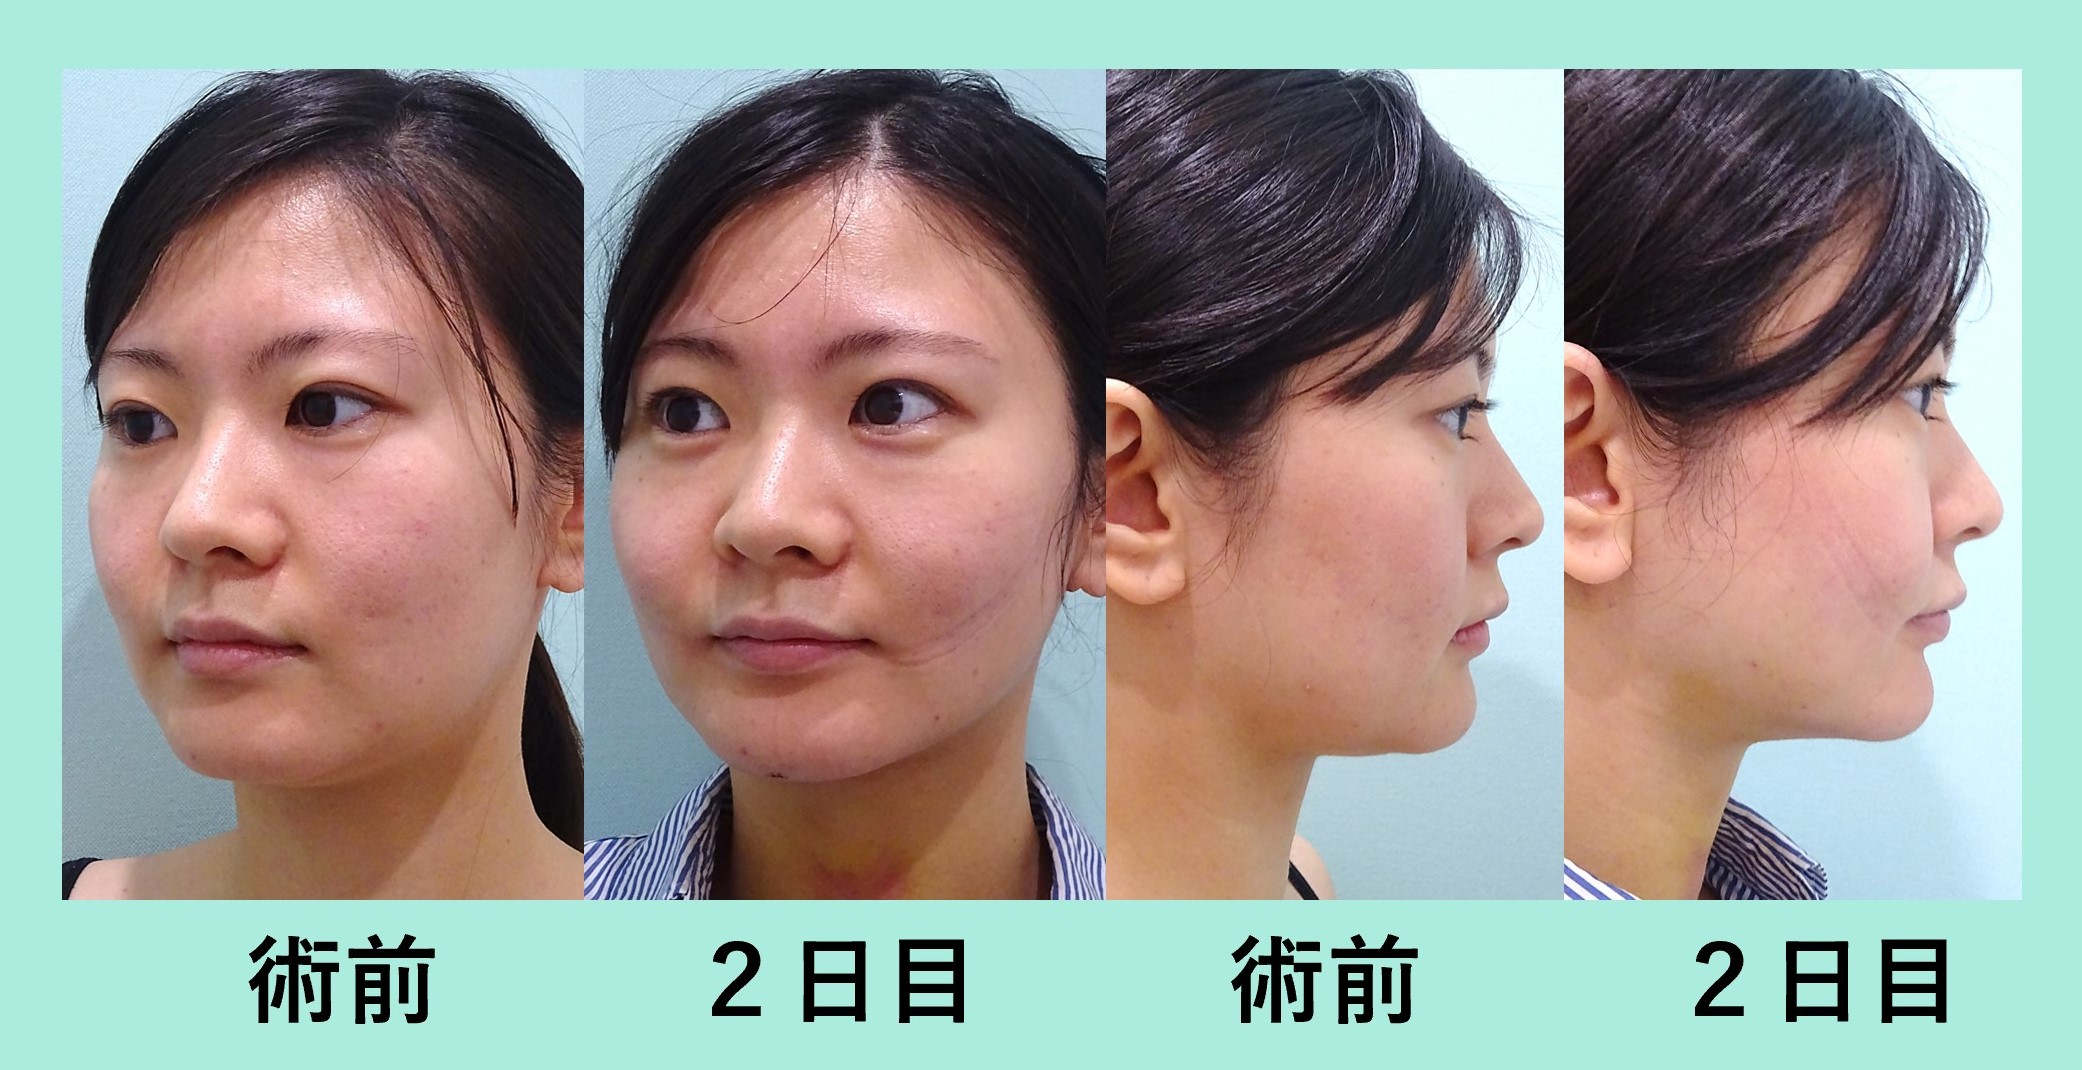 小顔 脂肪吸引 ダウンタイム